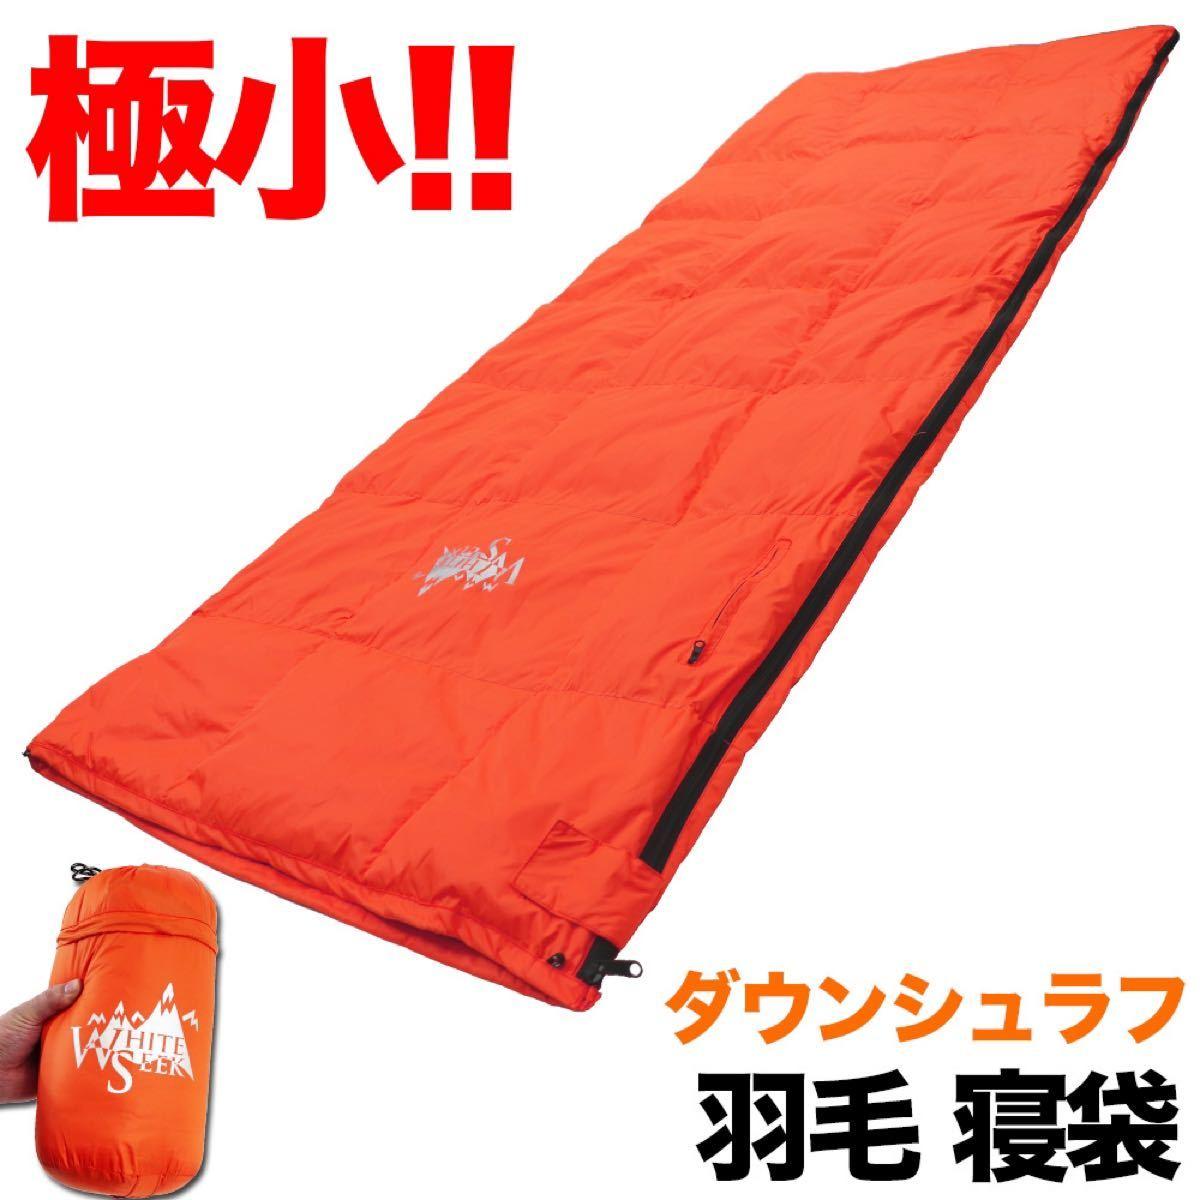 寝袋 羽毛 ダウン コンパクト 手のひらサイズ シュラフ アウトドア オレンジ アウトドア 防災 地震対策 小さい